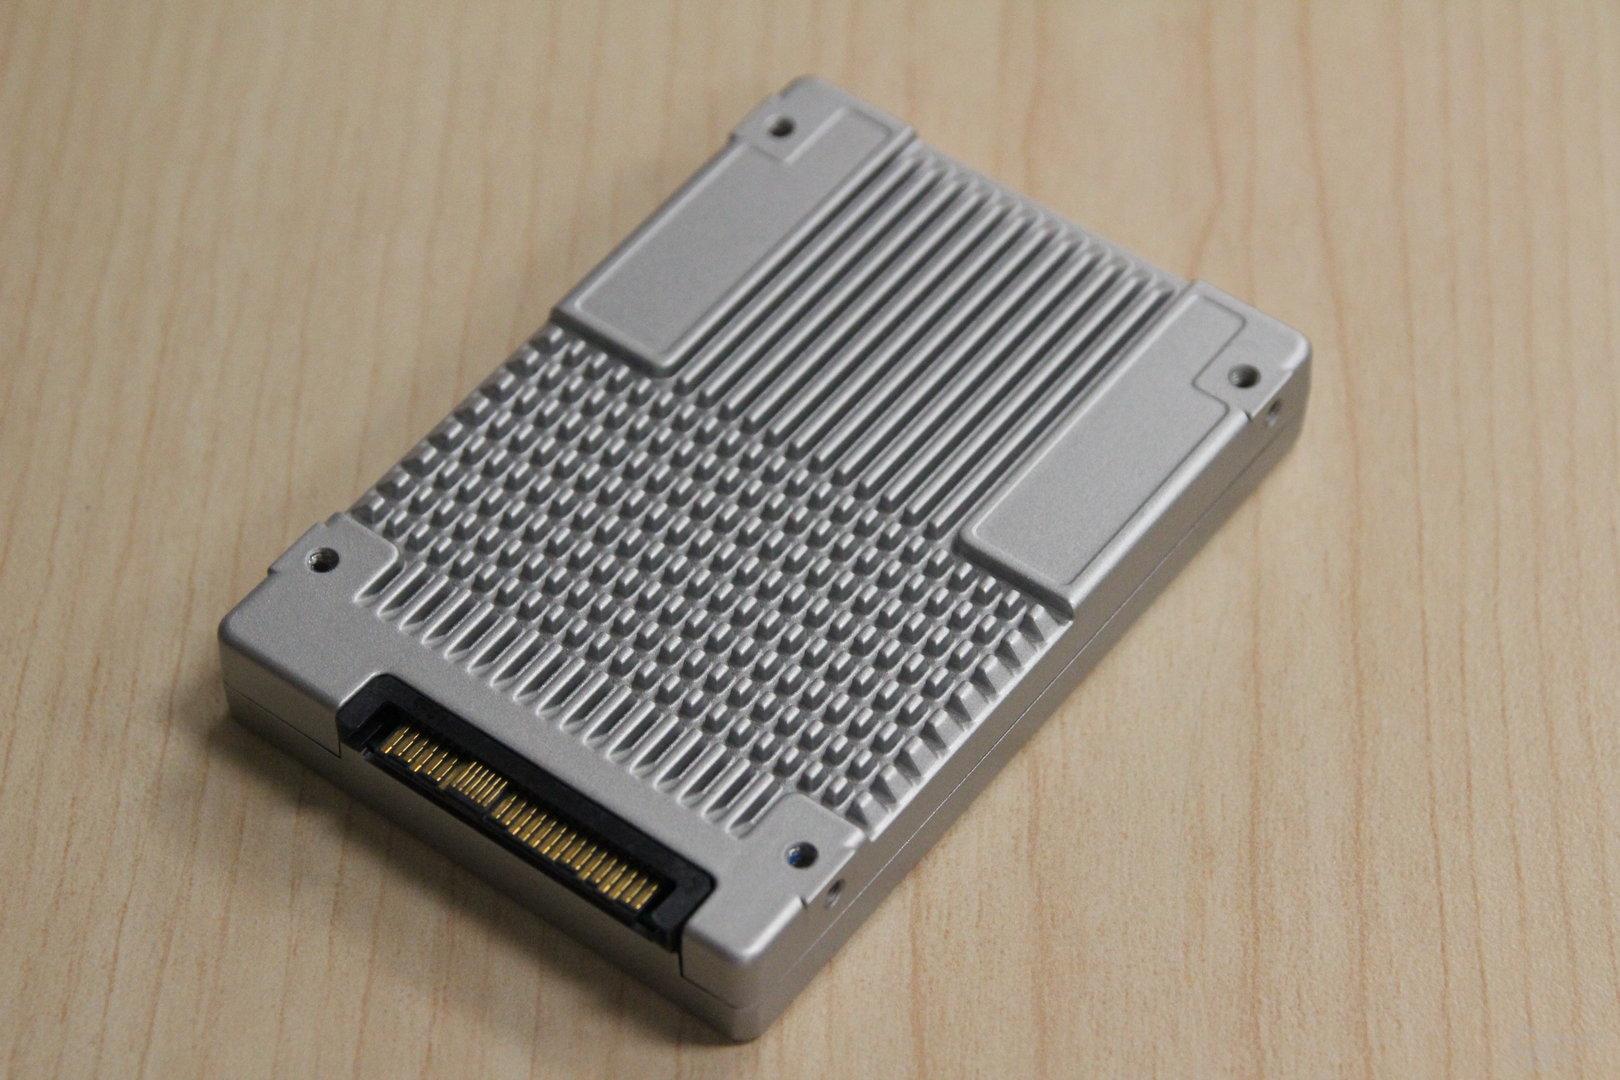 Intel SSD DC D3700: U.2-Anschluss und Kühlrippen